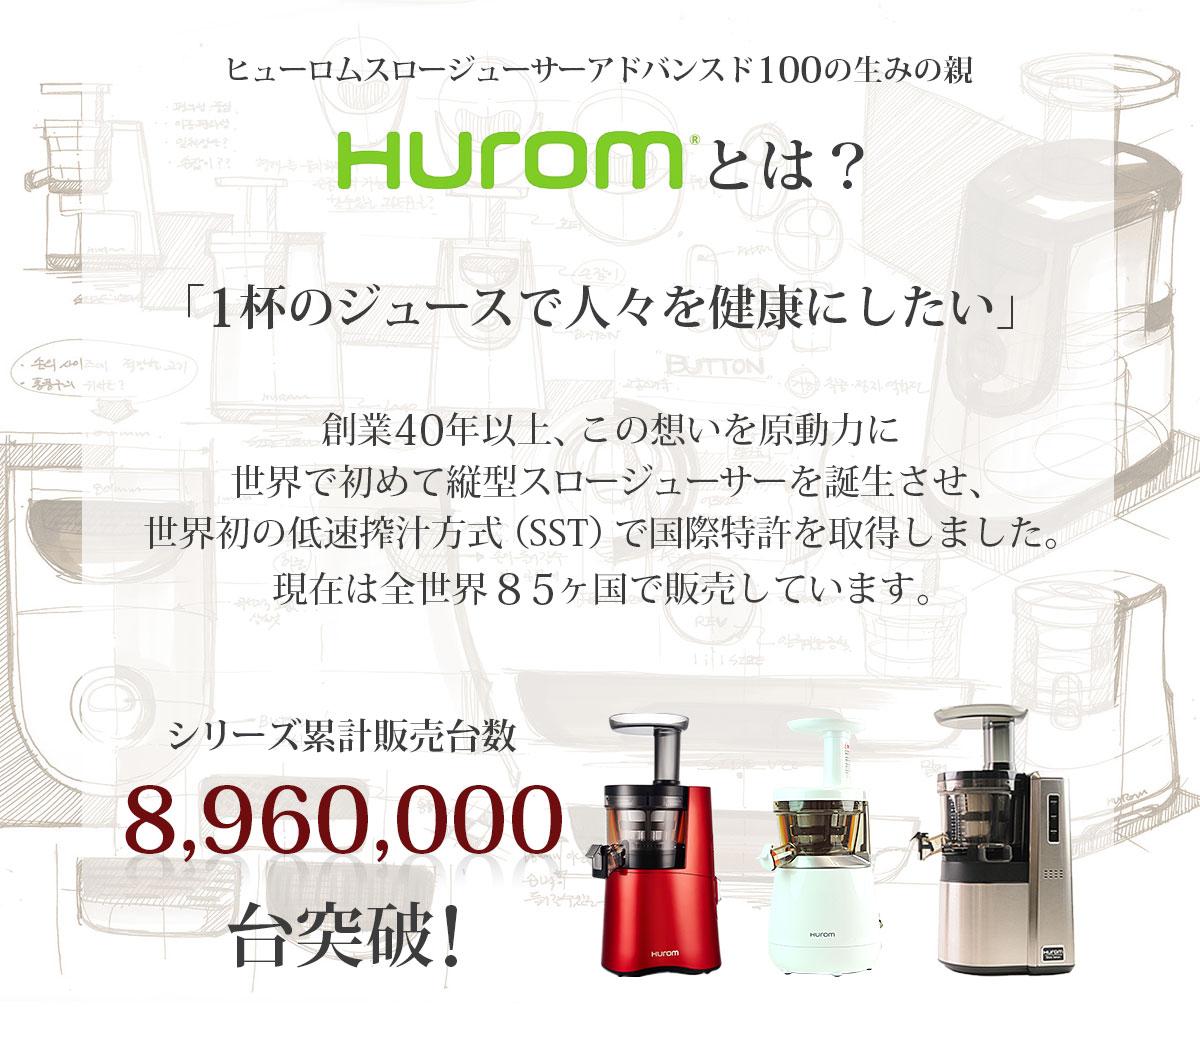 ヒューロムスロージューサーアドバンスド100の生みの親huromとは? 「1杯のジュースで人々を健康にしたい」 創業40年以上、この想いを原動力に世界で初めて縦型スロージューサーを誕生させ、世界初の低速搾汁方式(SST)で国際特許を取得しました。現在は全世界85ヶ国で販売しています。シリーズ累計販売台数 8,960,000台突破!